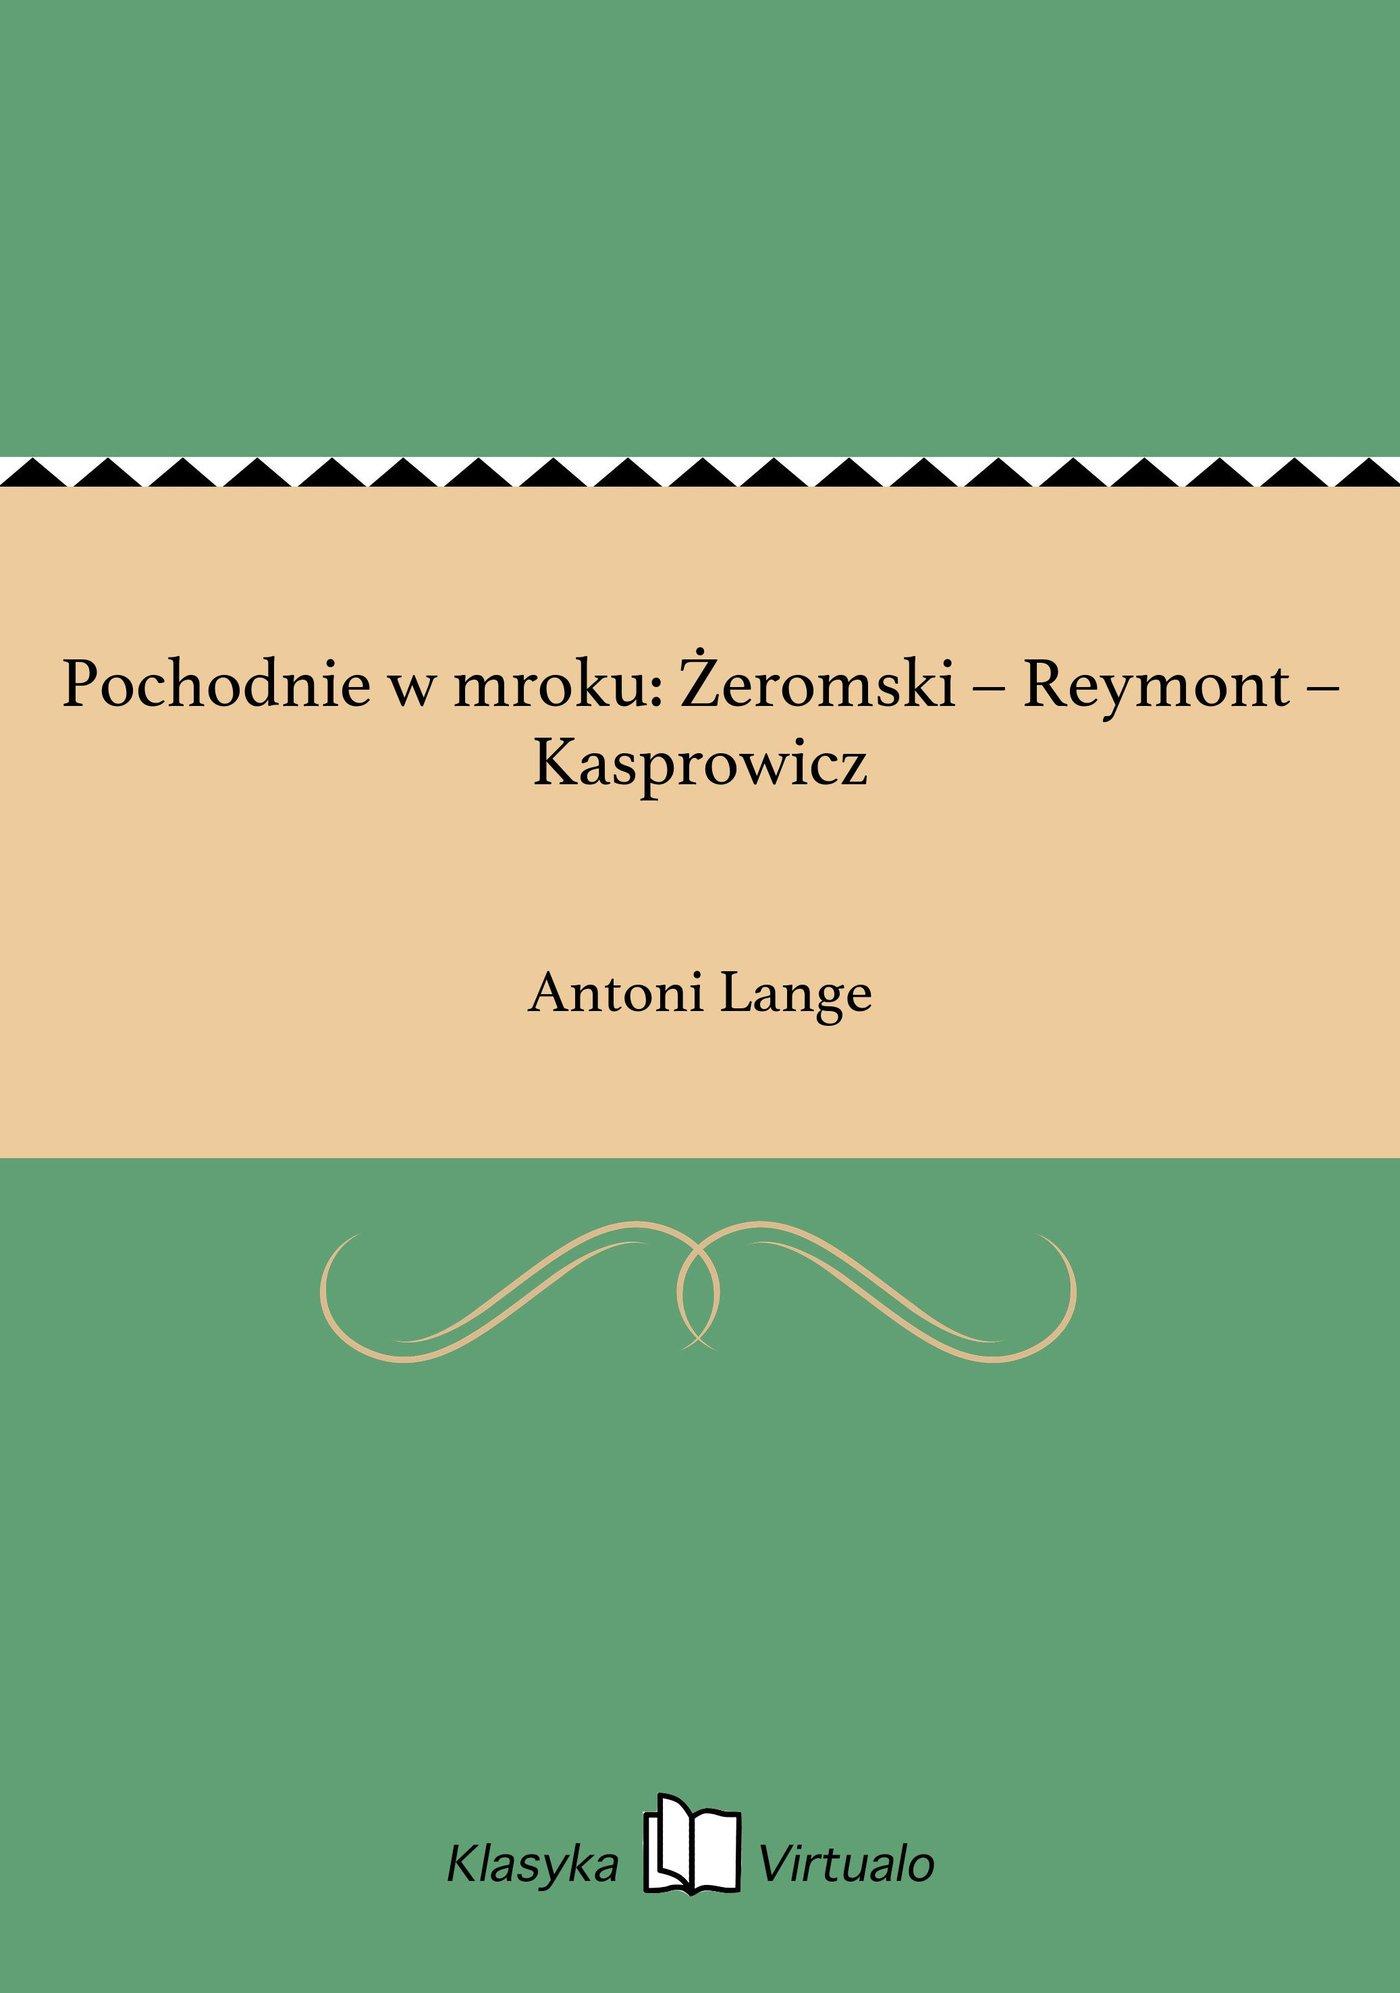 Pochodnie w mroku: Żeromski – Reymont – Kasprowicz - Ebook (Książka EPUB) do pobrania w formacie EPUB